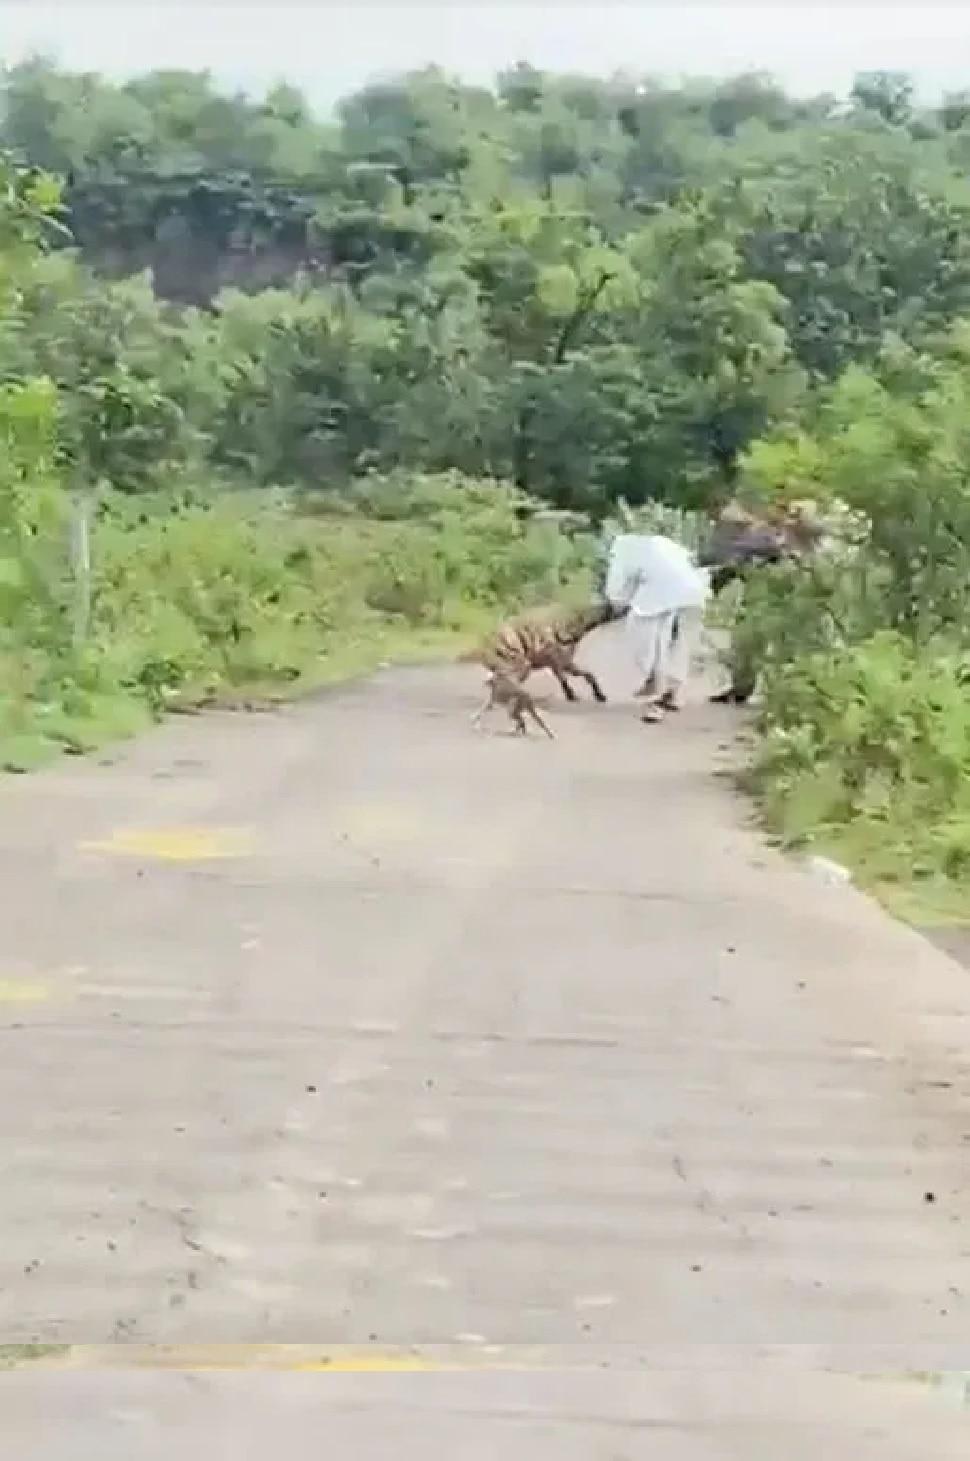 Hyena Attacks